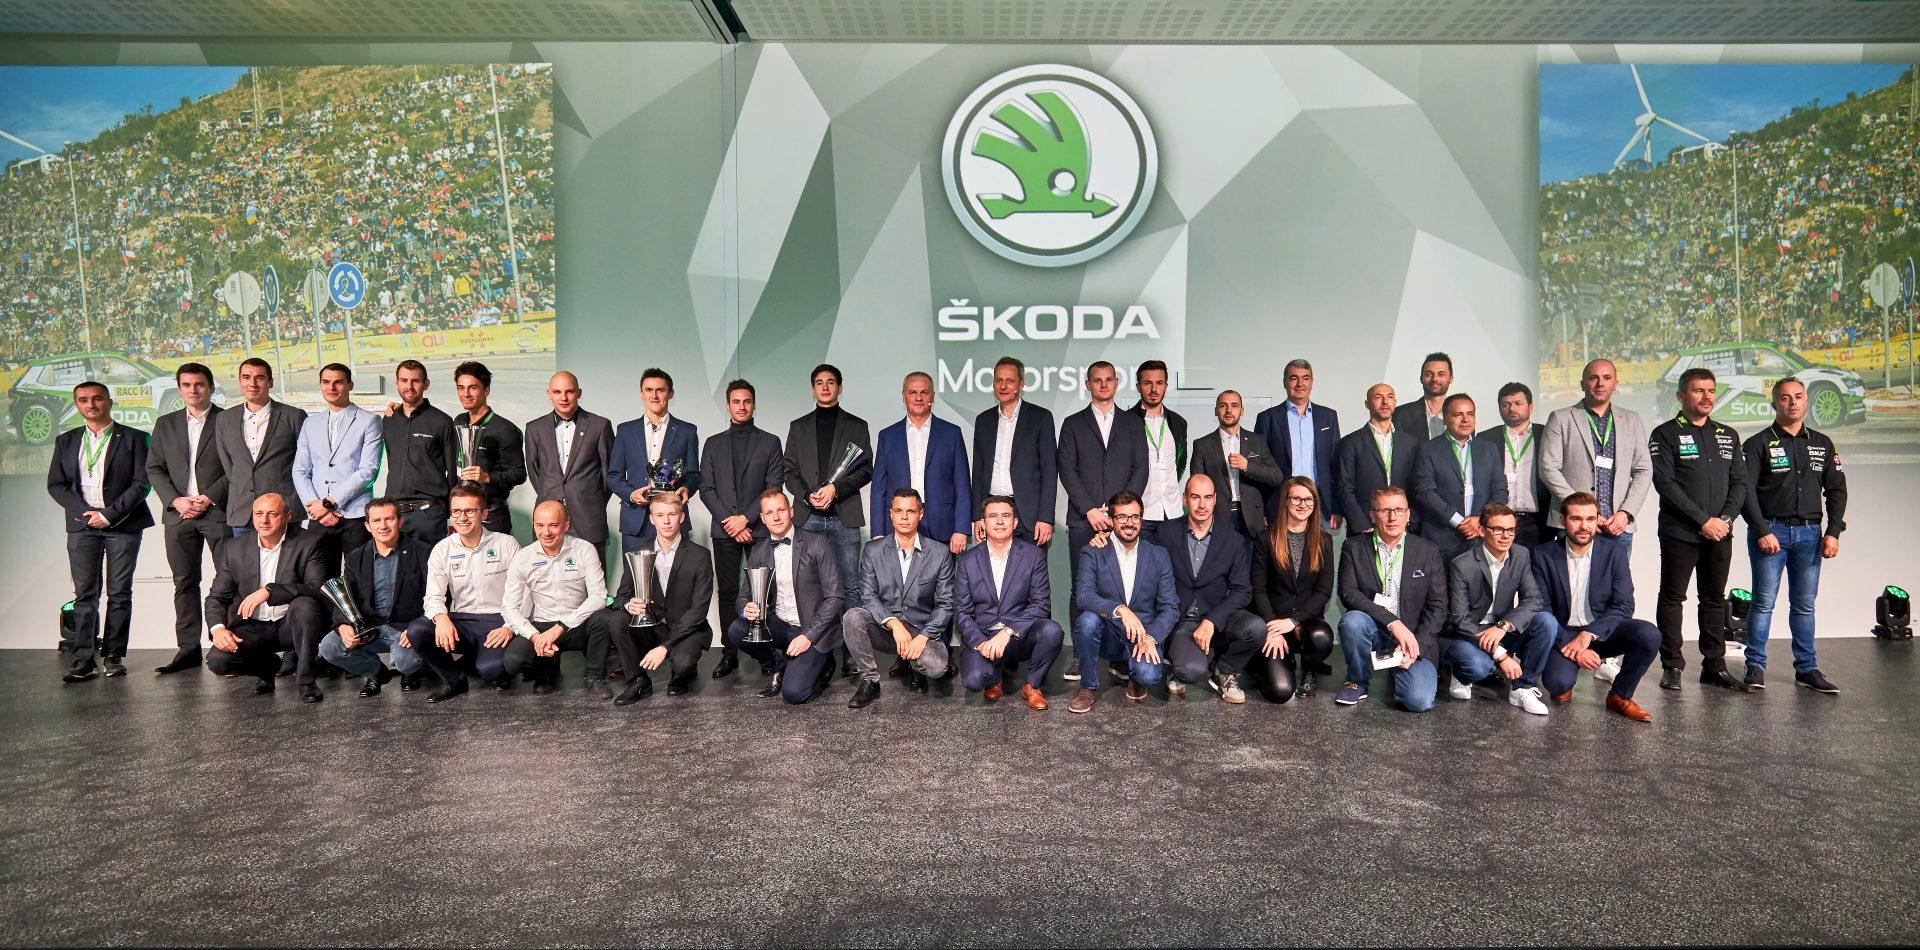 ŠKODA Motorsport oslavuje nejúspěšnější sezónu. Získala 30 titulů!